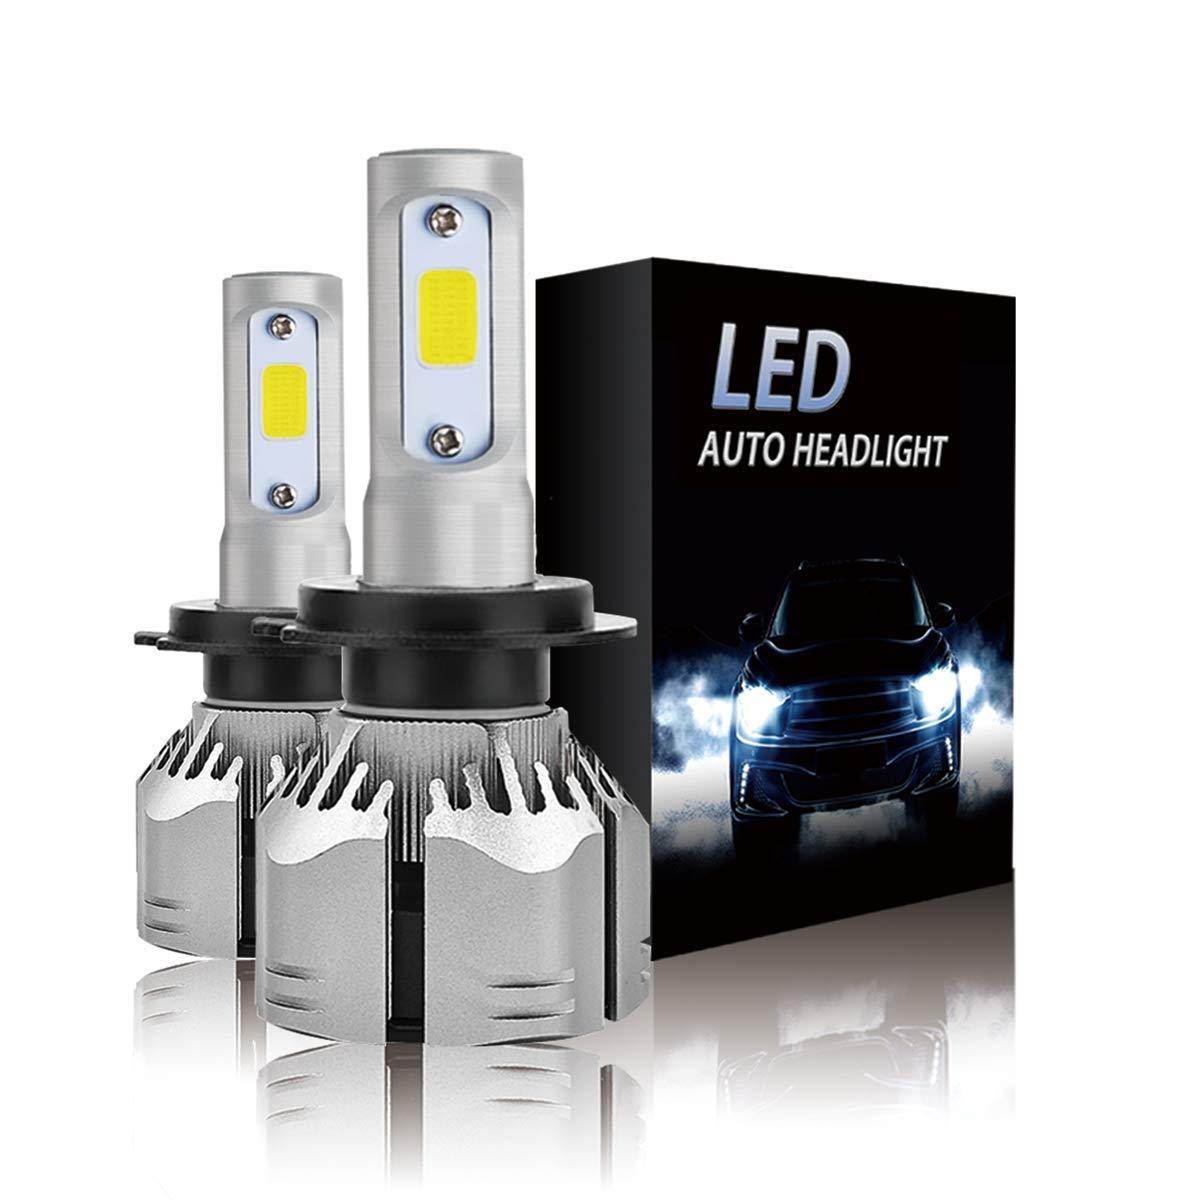 Car H7 Bulb Set Headlight Bulbs Xenon Bright White Lights For Land Rover